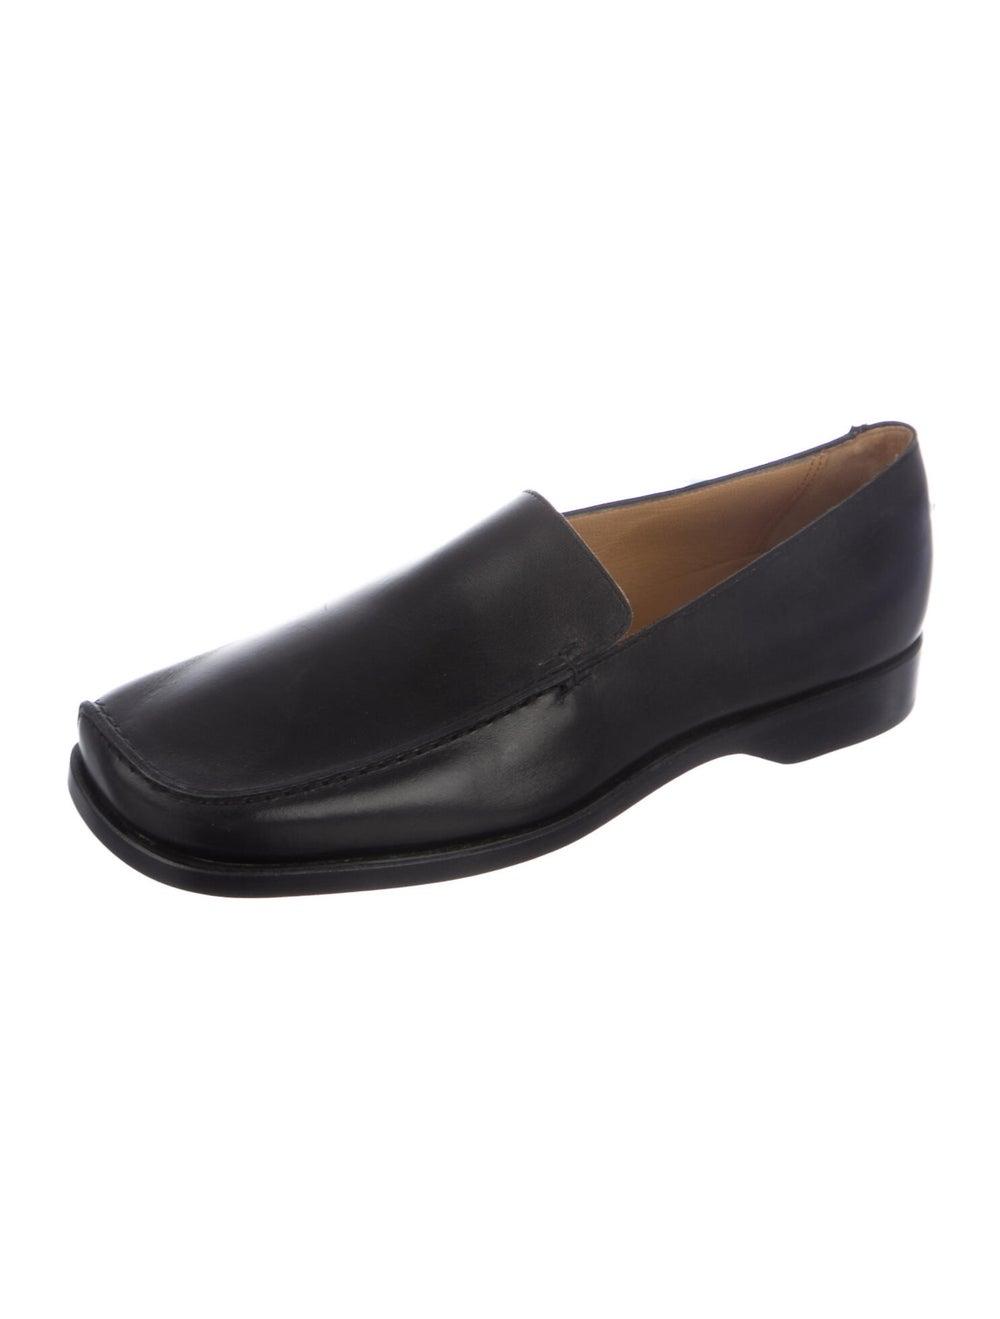 Hermès Loafers Black - image 2